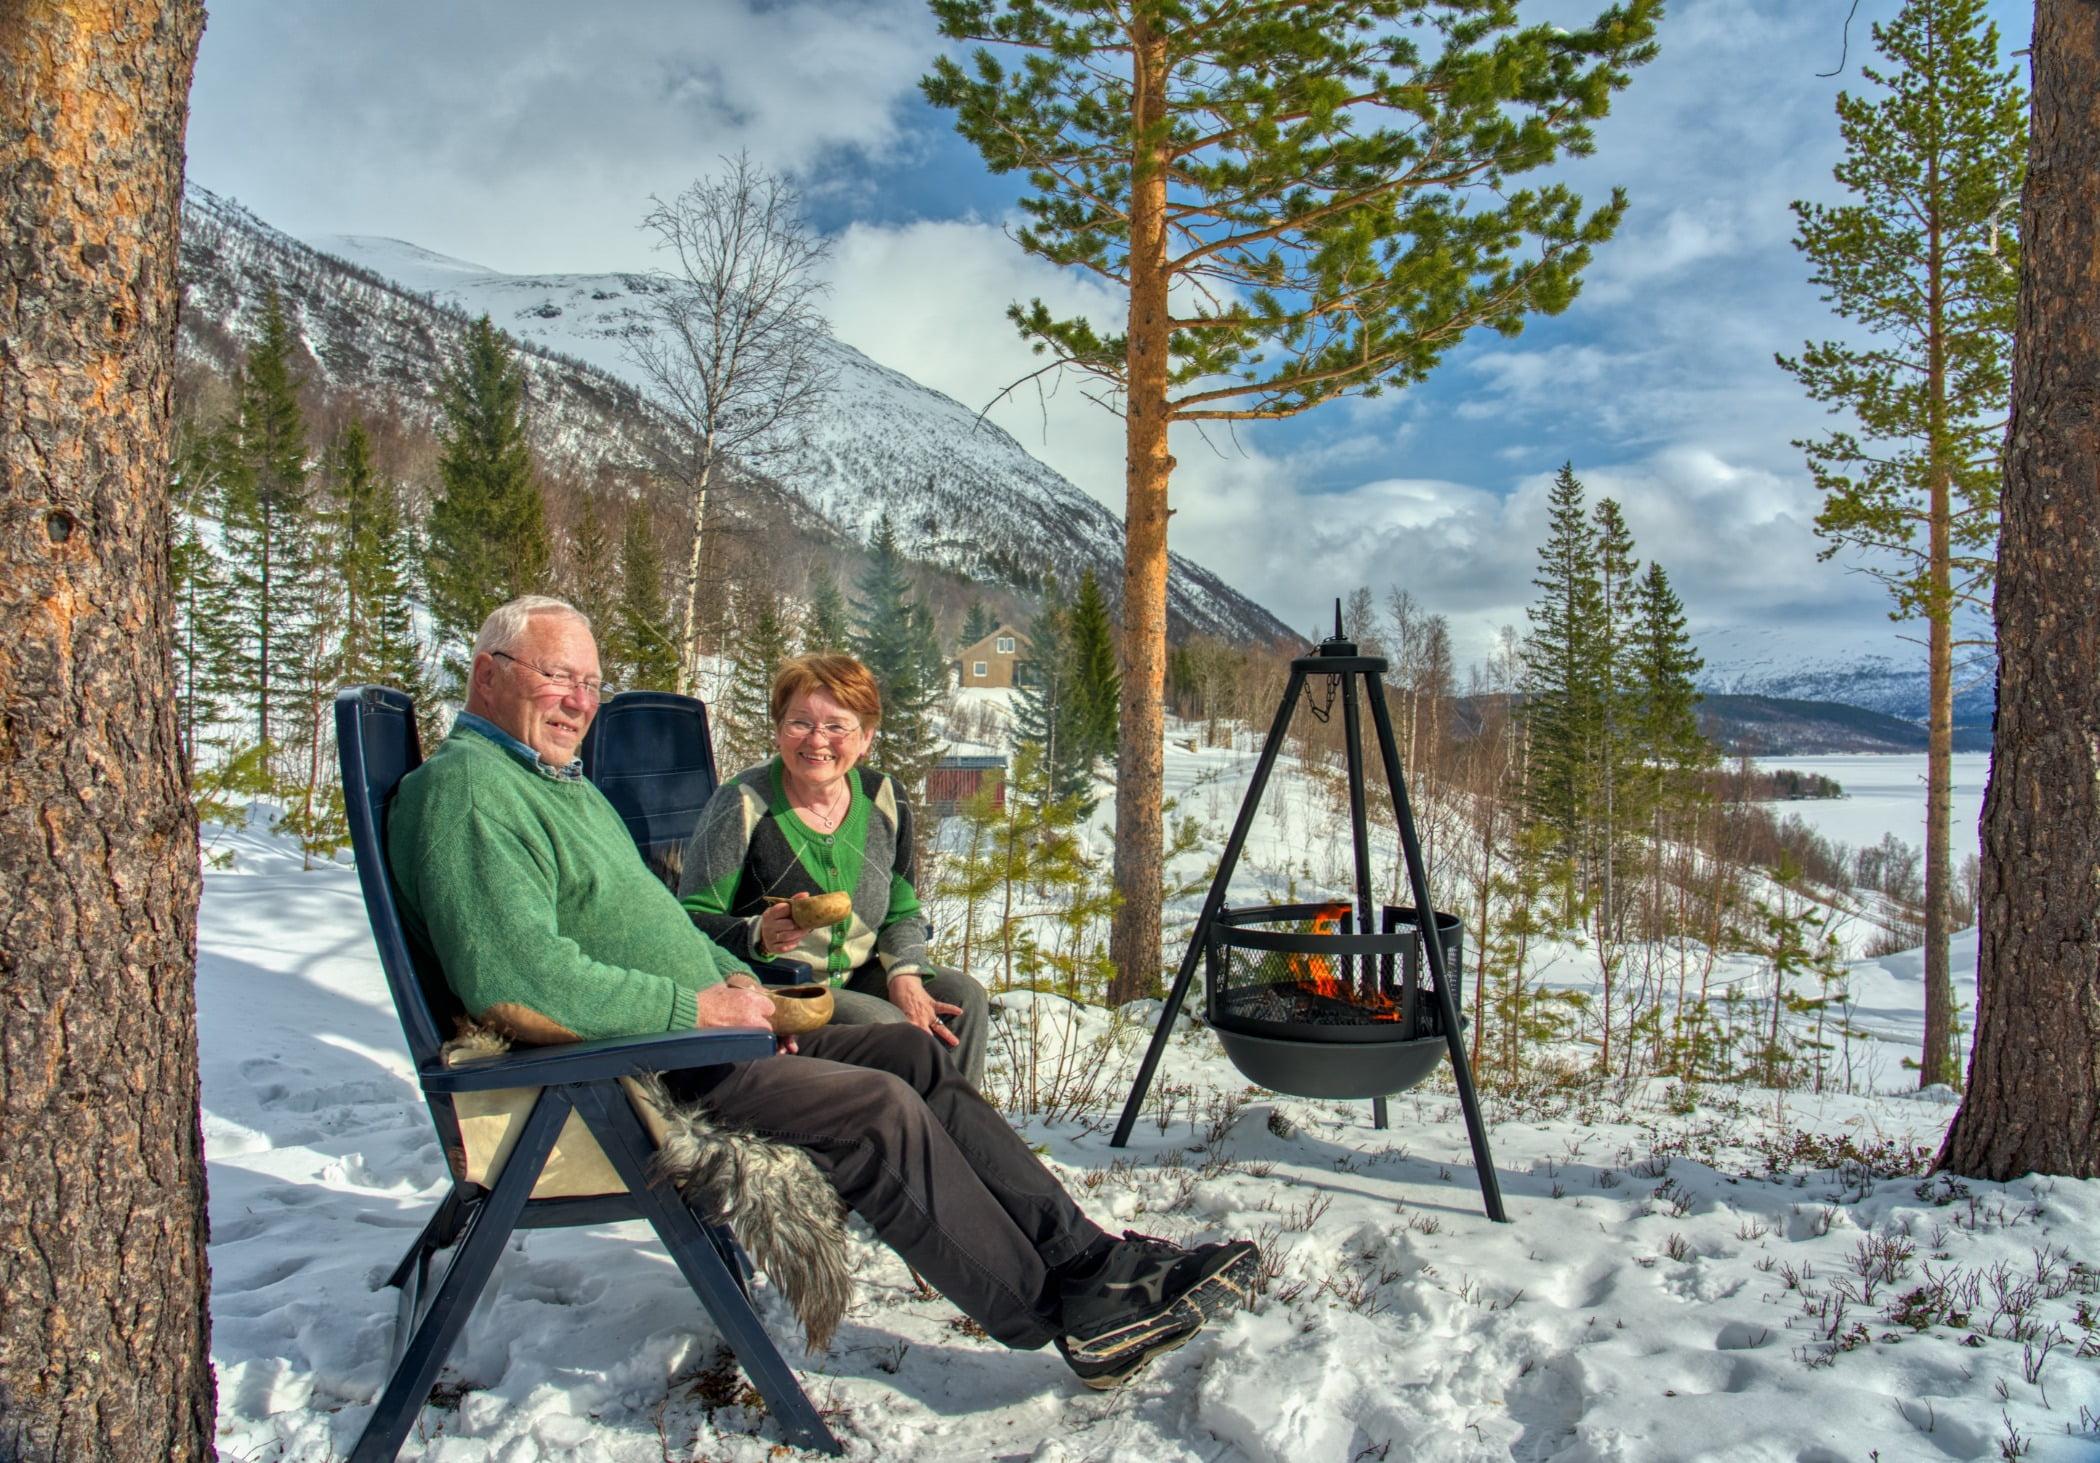 People in nature, Footwear, Cloud, Sky, Snow, Wood, Tree, Slope